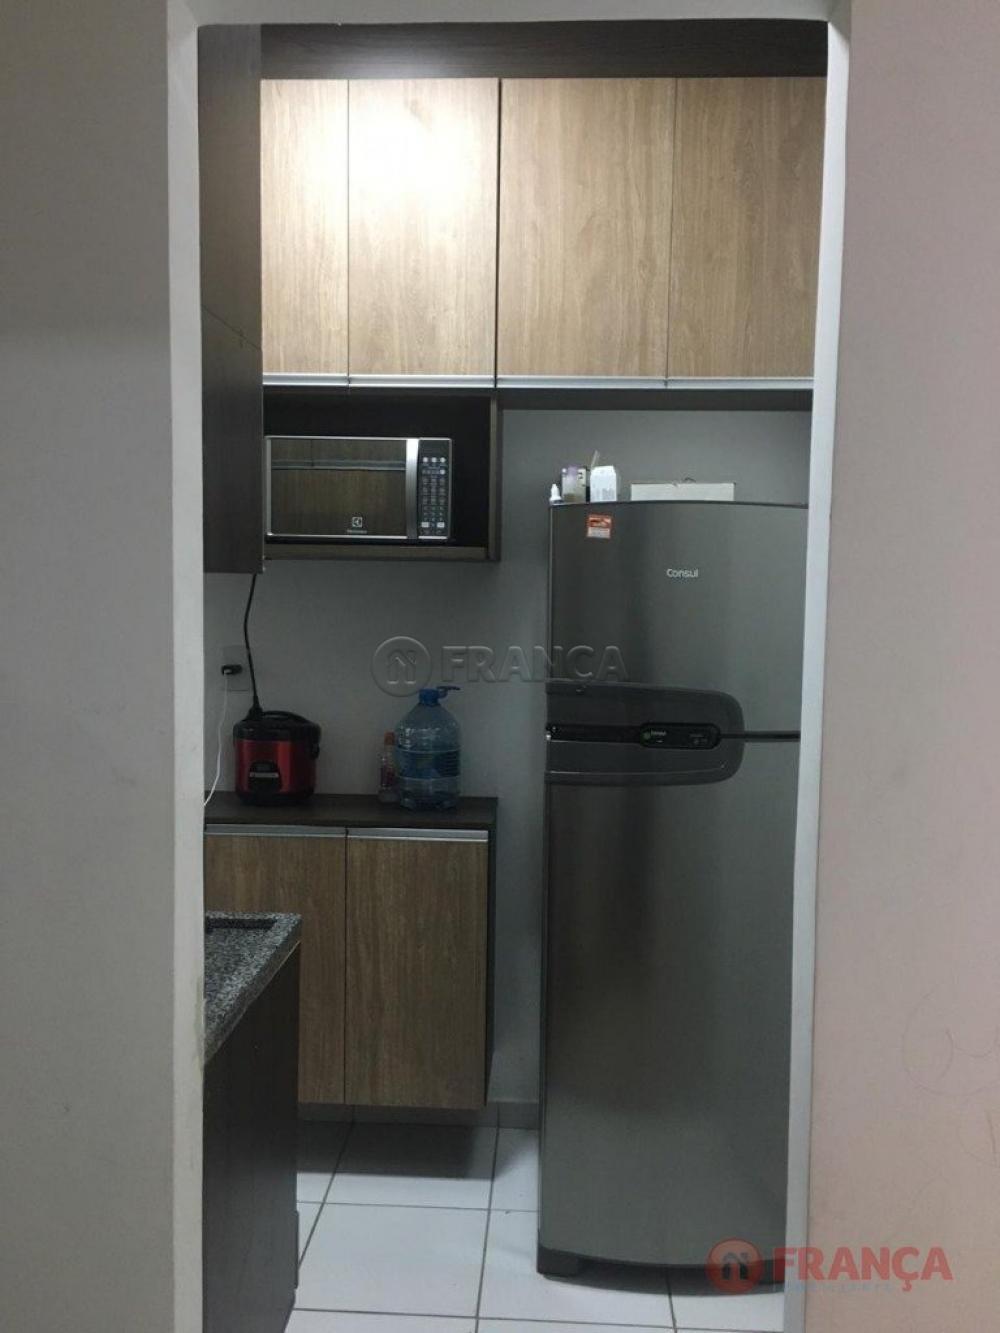 Comprar Apartamento / Padrão em Jacareí R$ 145.000,00 - Foto 4